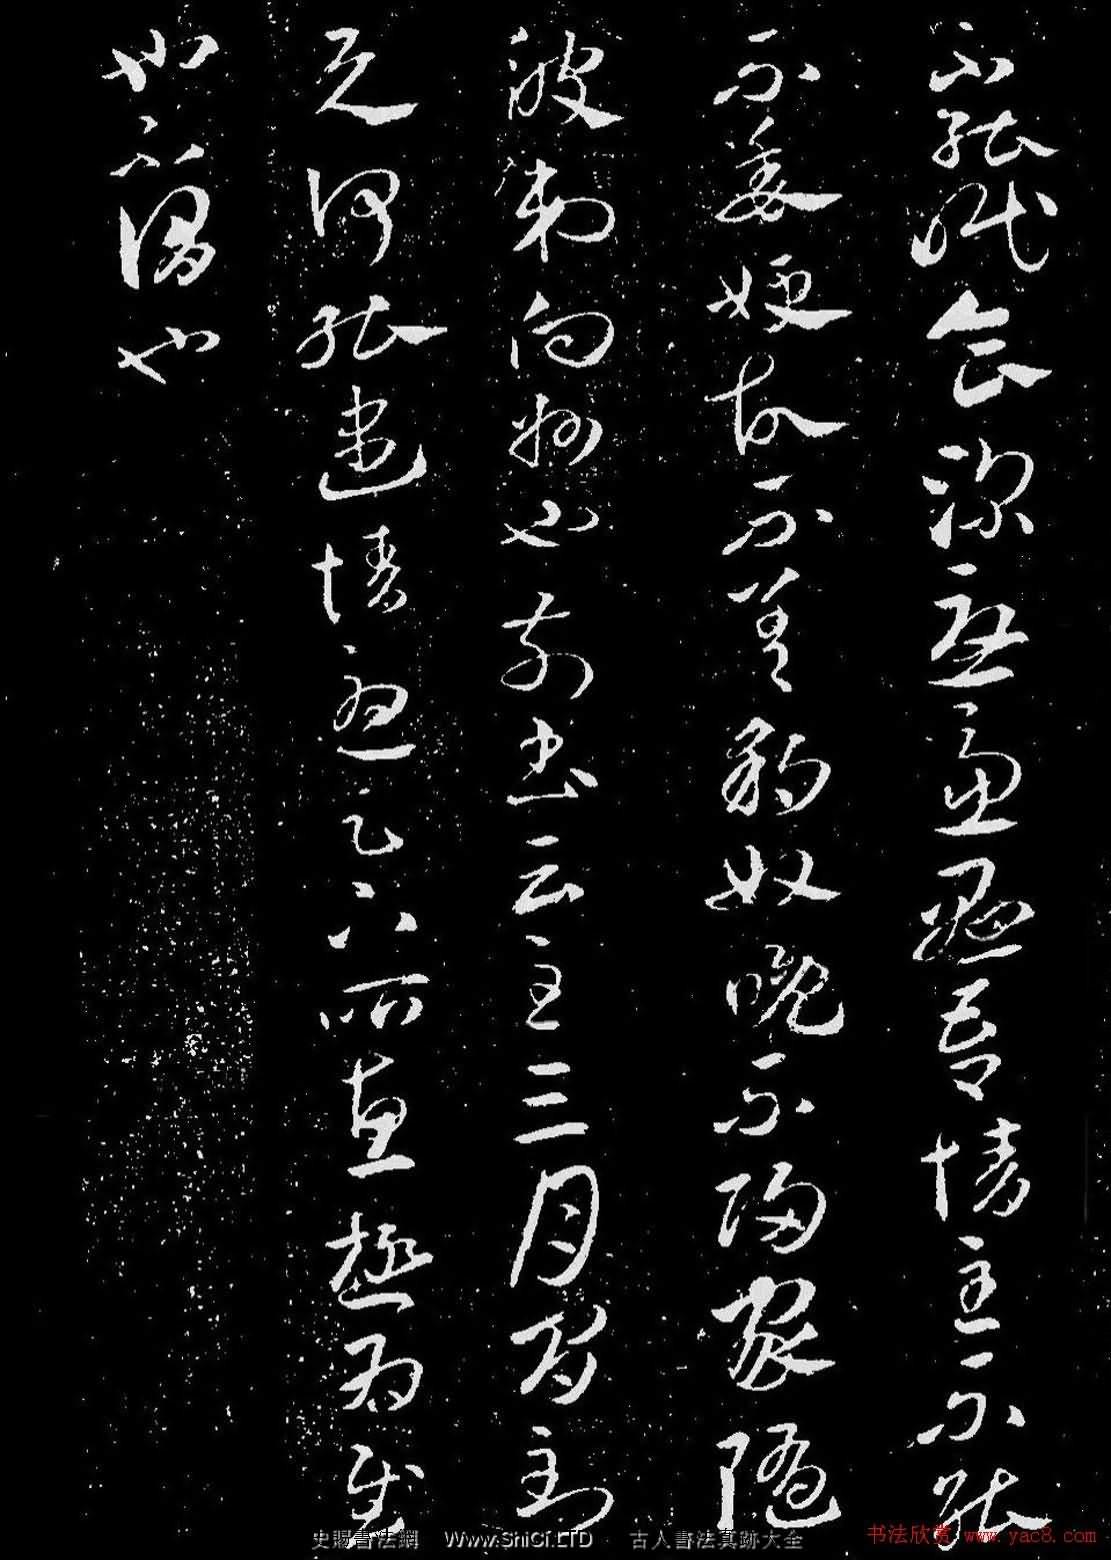 王羲之章草書法《豹奴帖》拓本